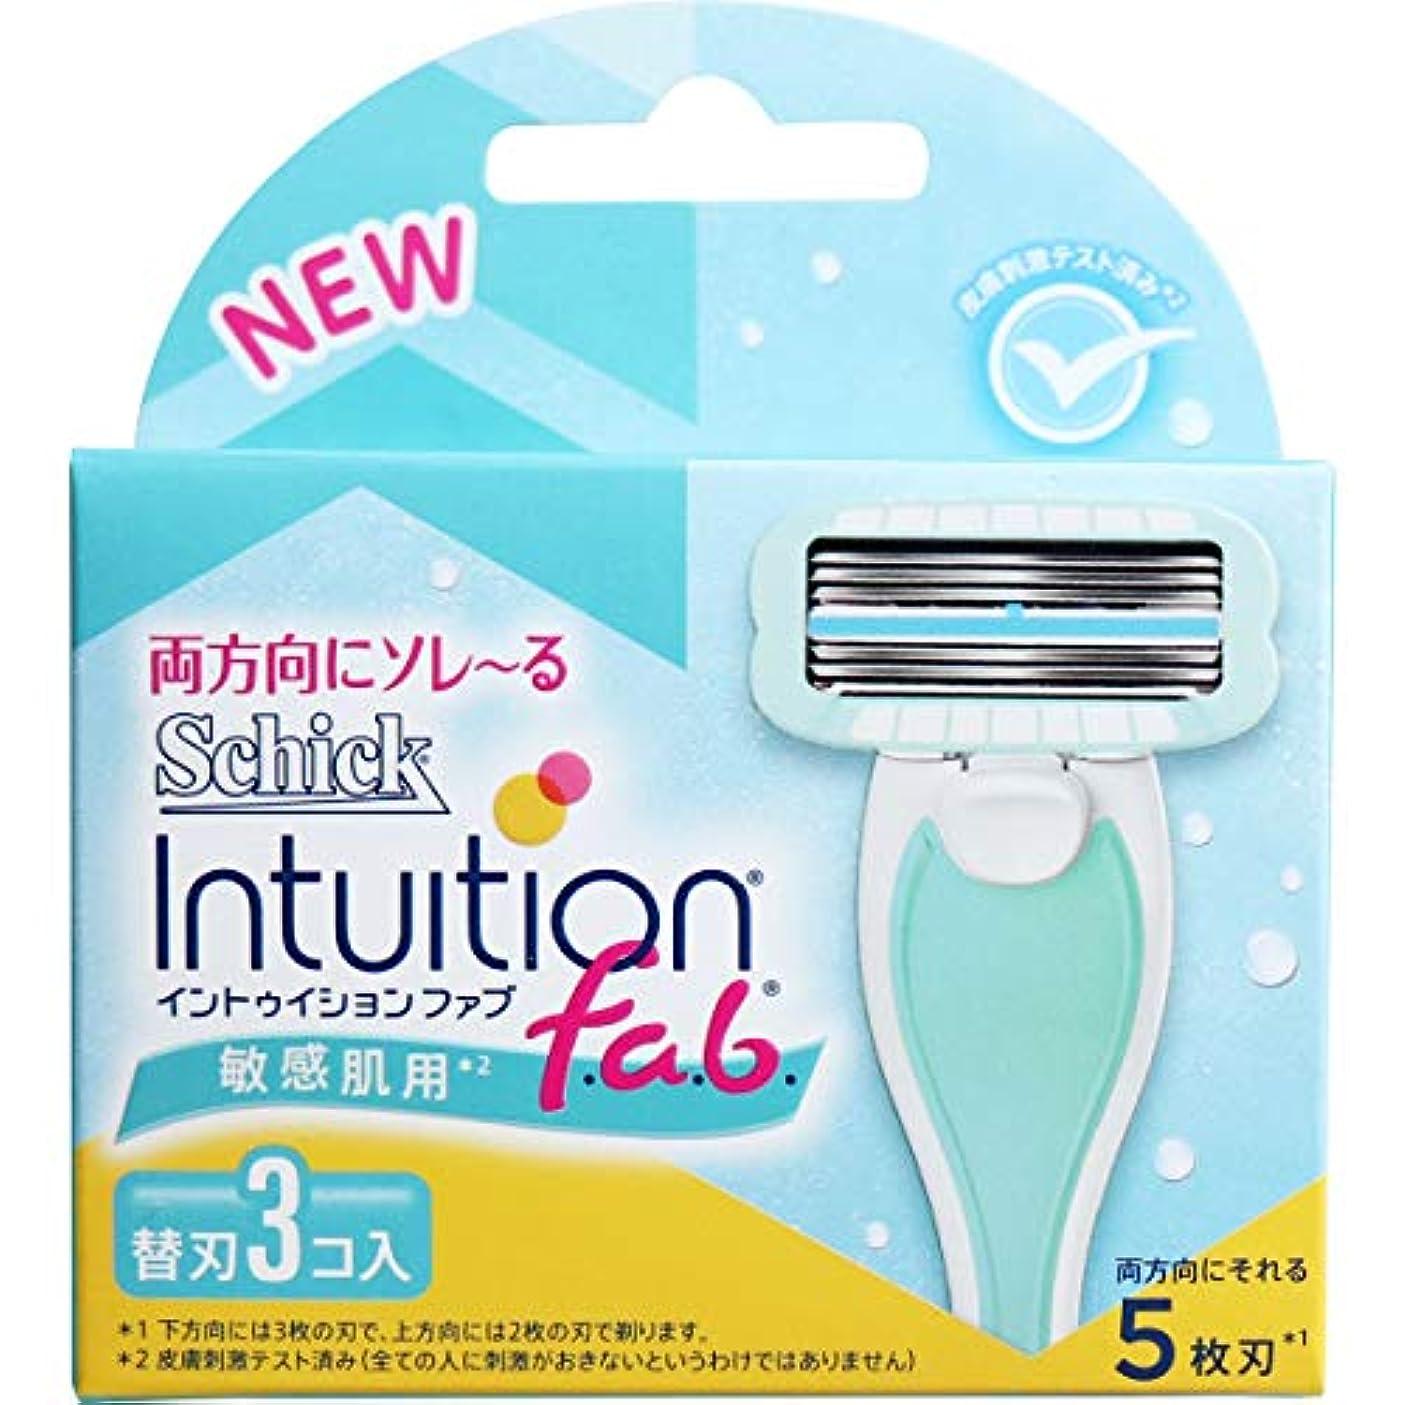 ビジター素敵なポットシック イントゥイション ファブ 敏感肌用 替刃3個入(単品1個)